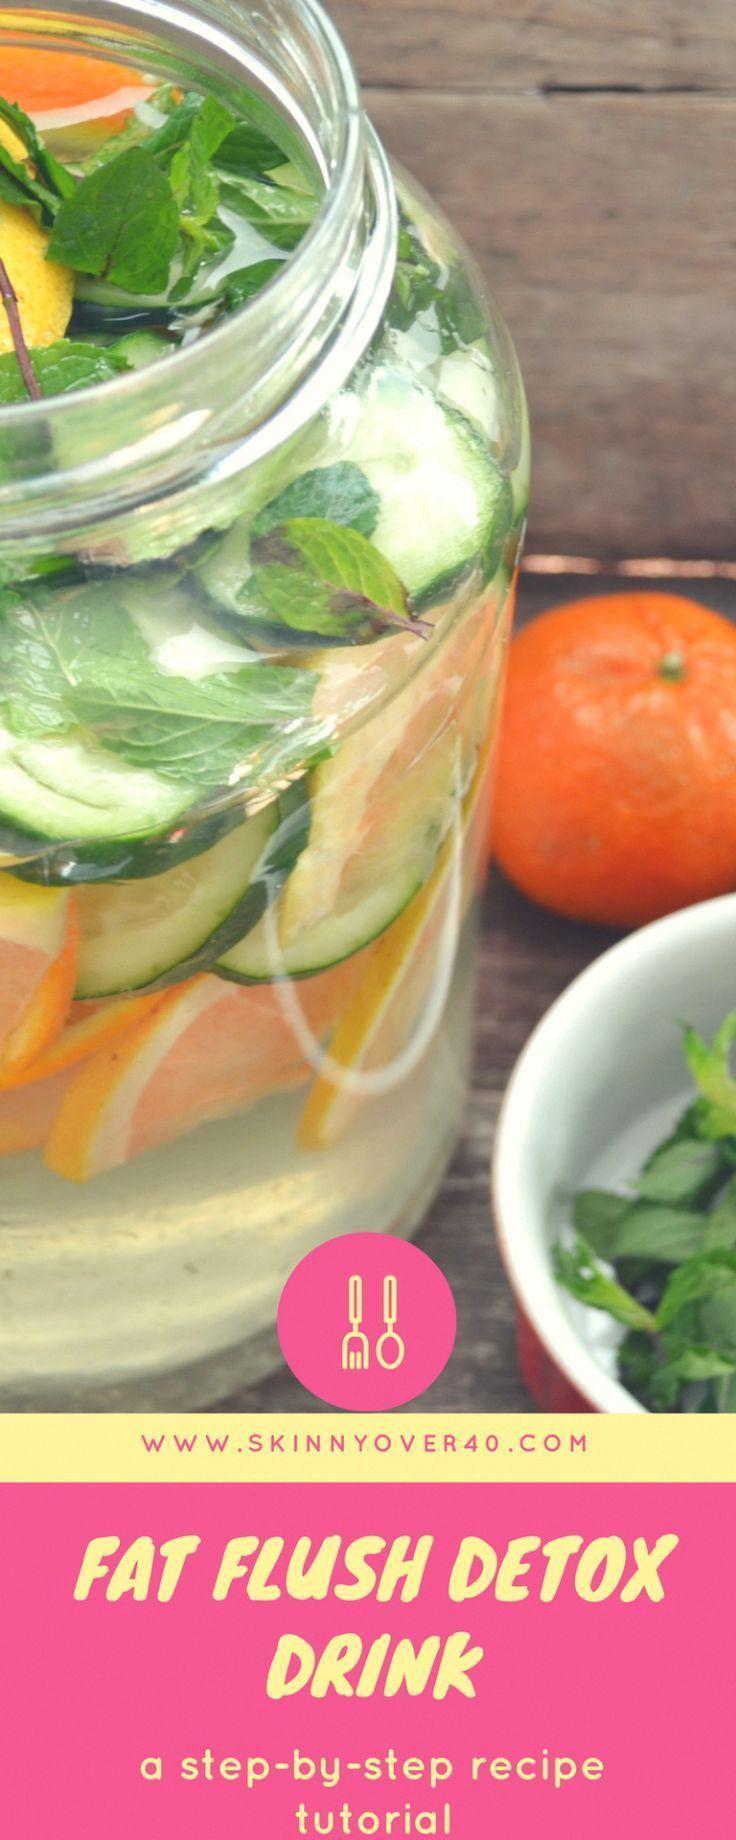 Fat Flush Detox Drink zur Gewichtsreduktion und Wassereinlagerung. Dr. Oz empfiehlt …   – Detox Drinks To Lose Weight